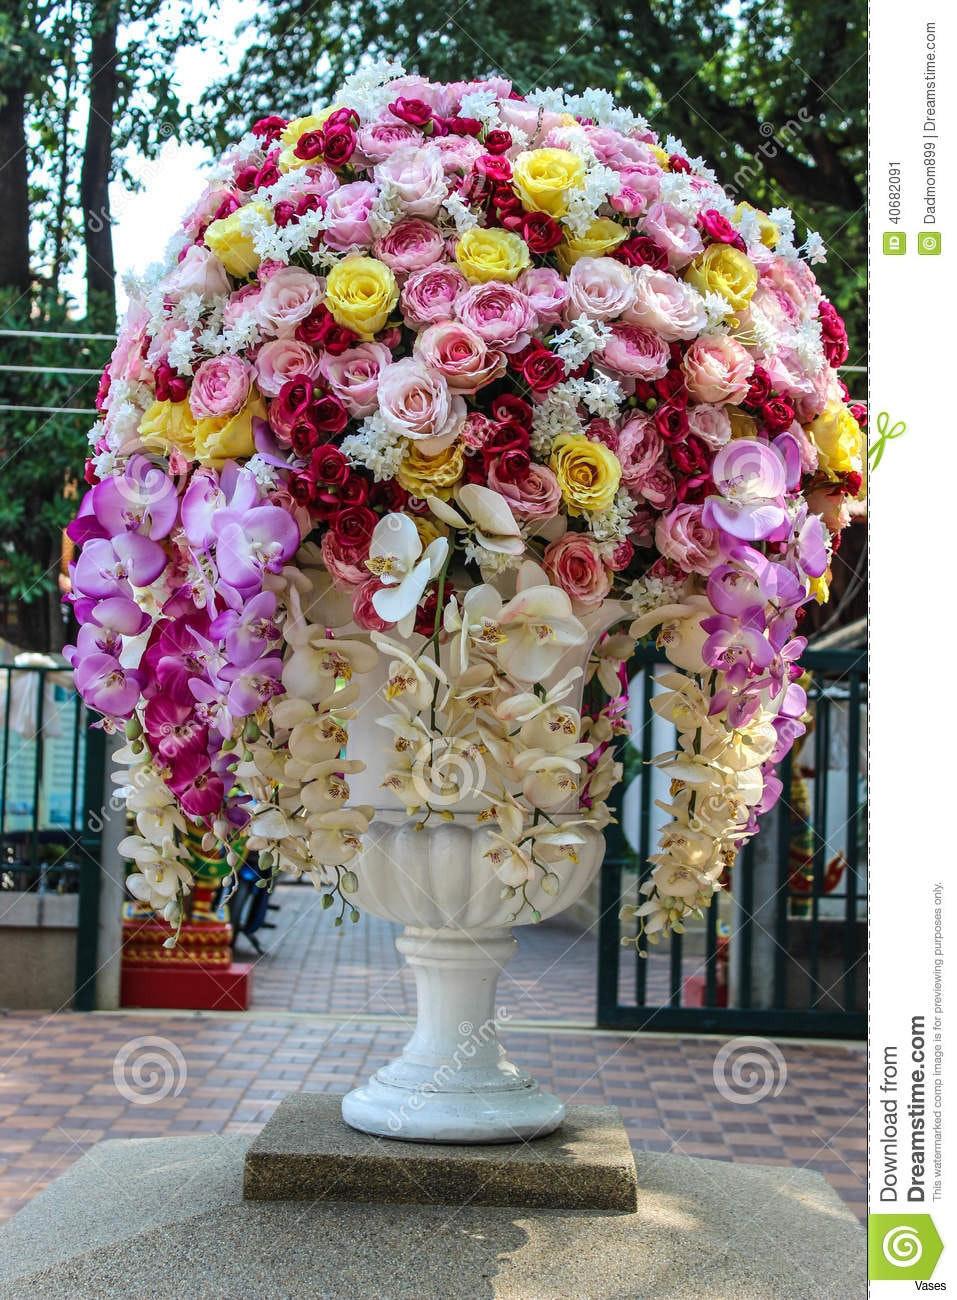 bamboo plant with vase of floor vase decor luxury home decor vases elegant 9 beautiful floor with regard to floor vase decor luxury vases flower floor vase with flowersi 0d outdoor arrangements scheme of floor